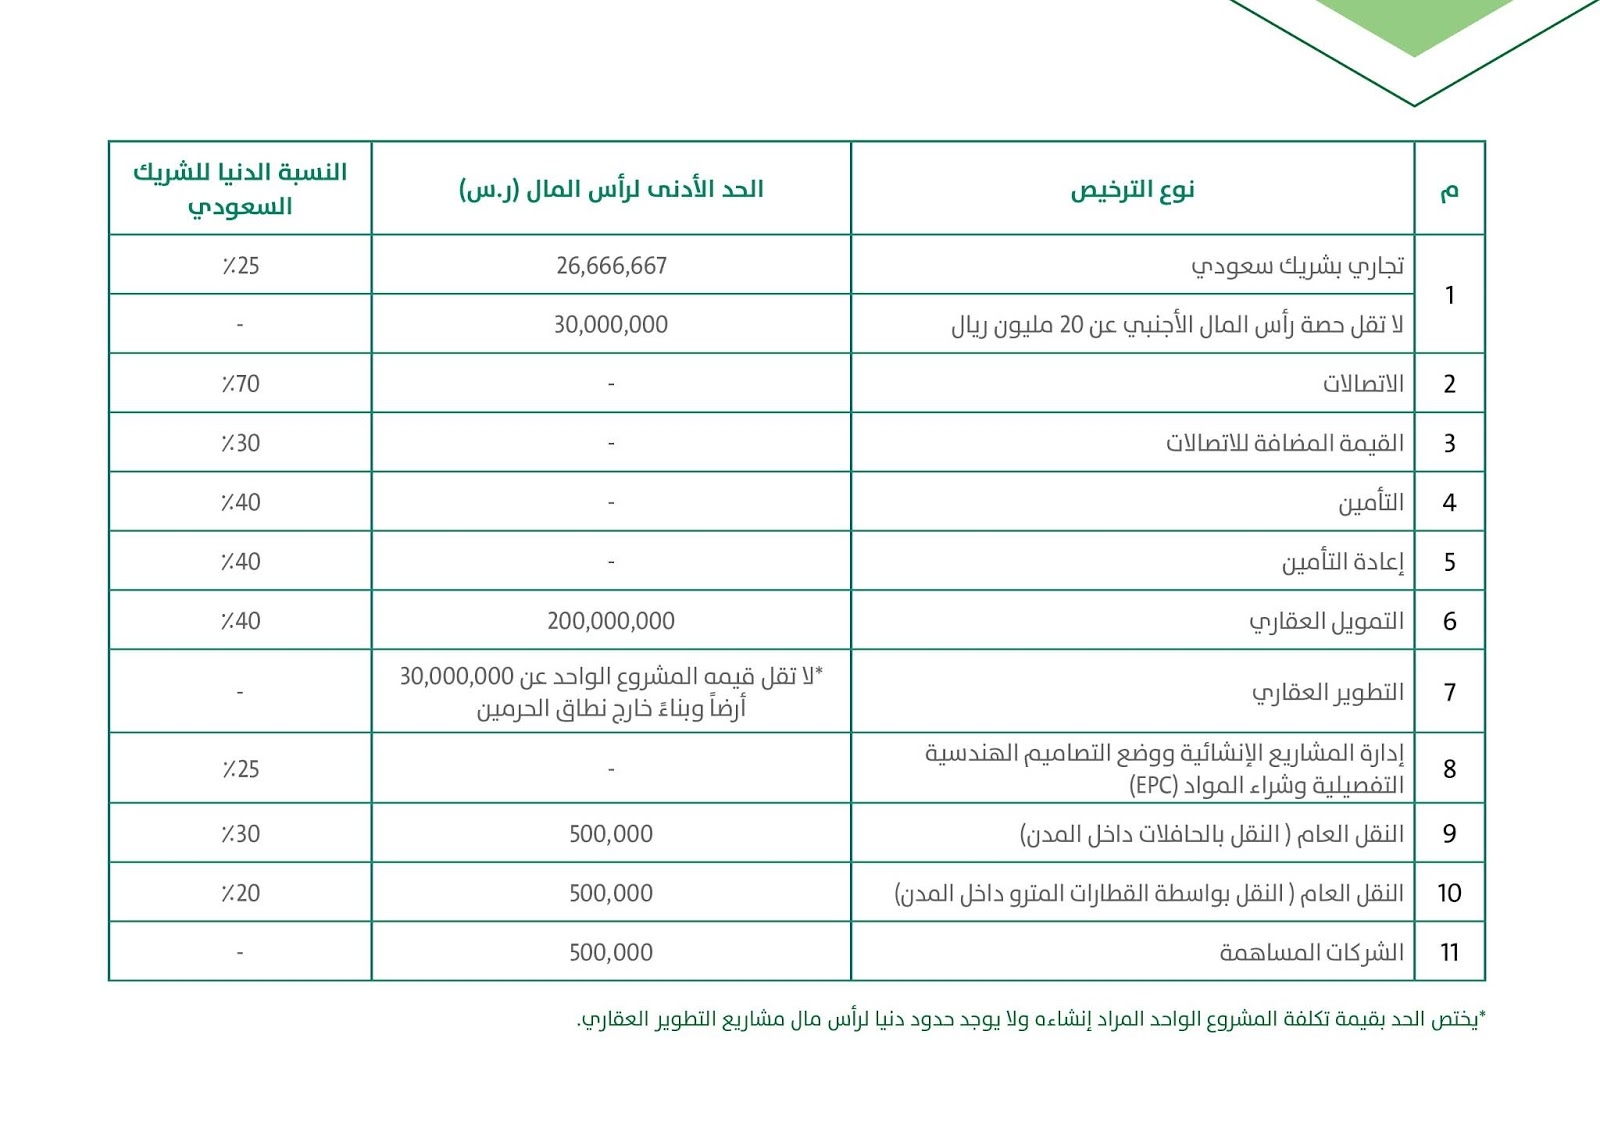 راس المال, للاستثمار, الاجنبي, السعودية